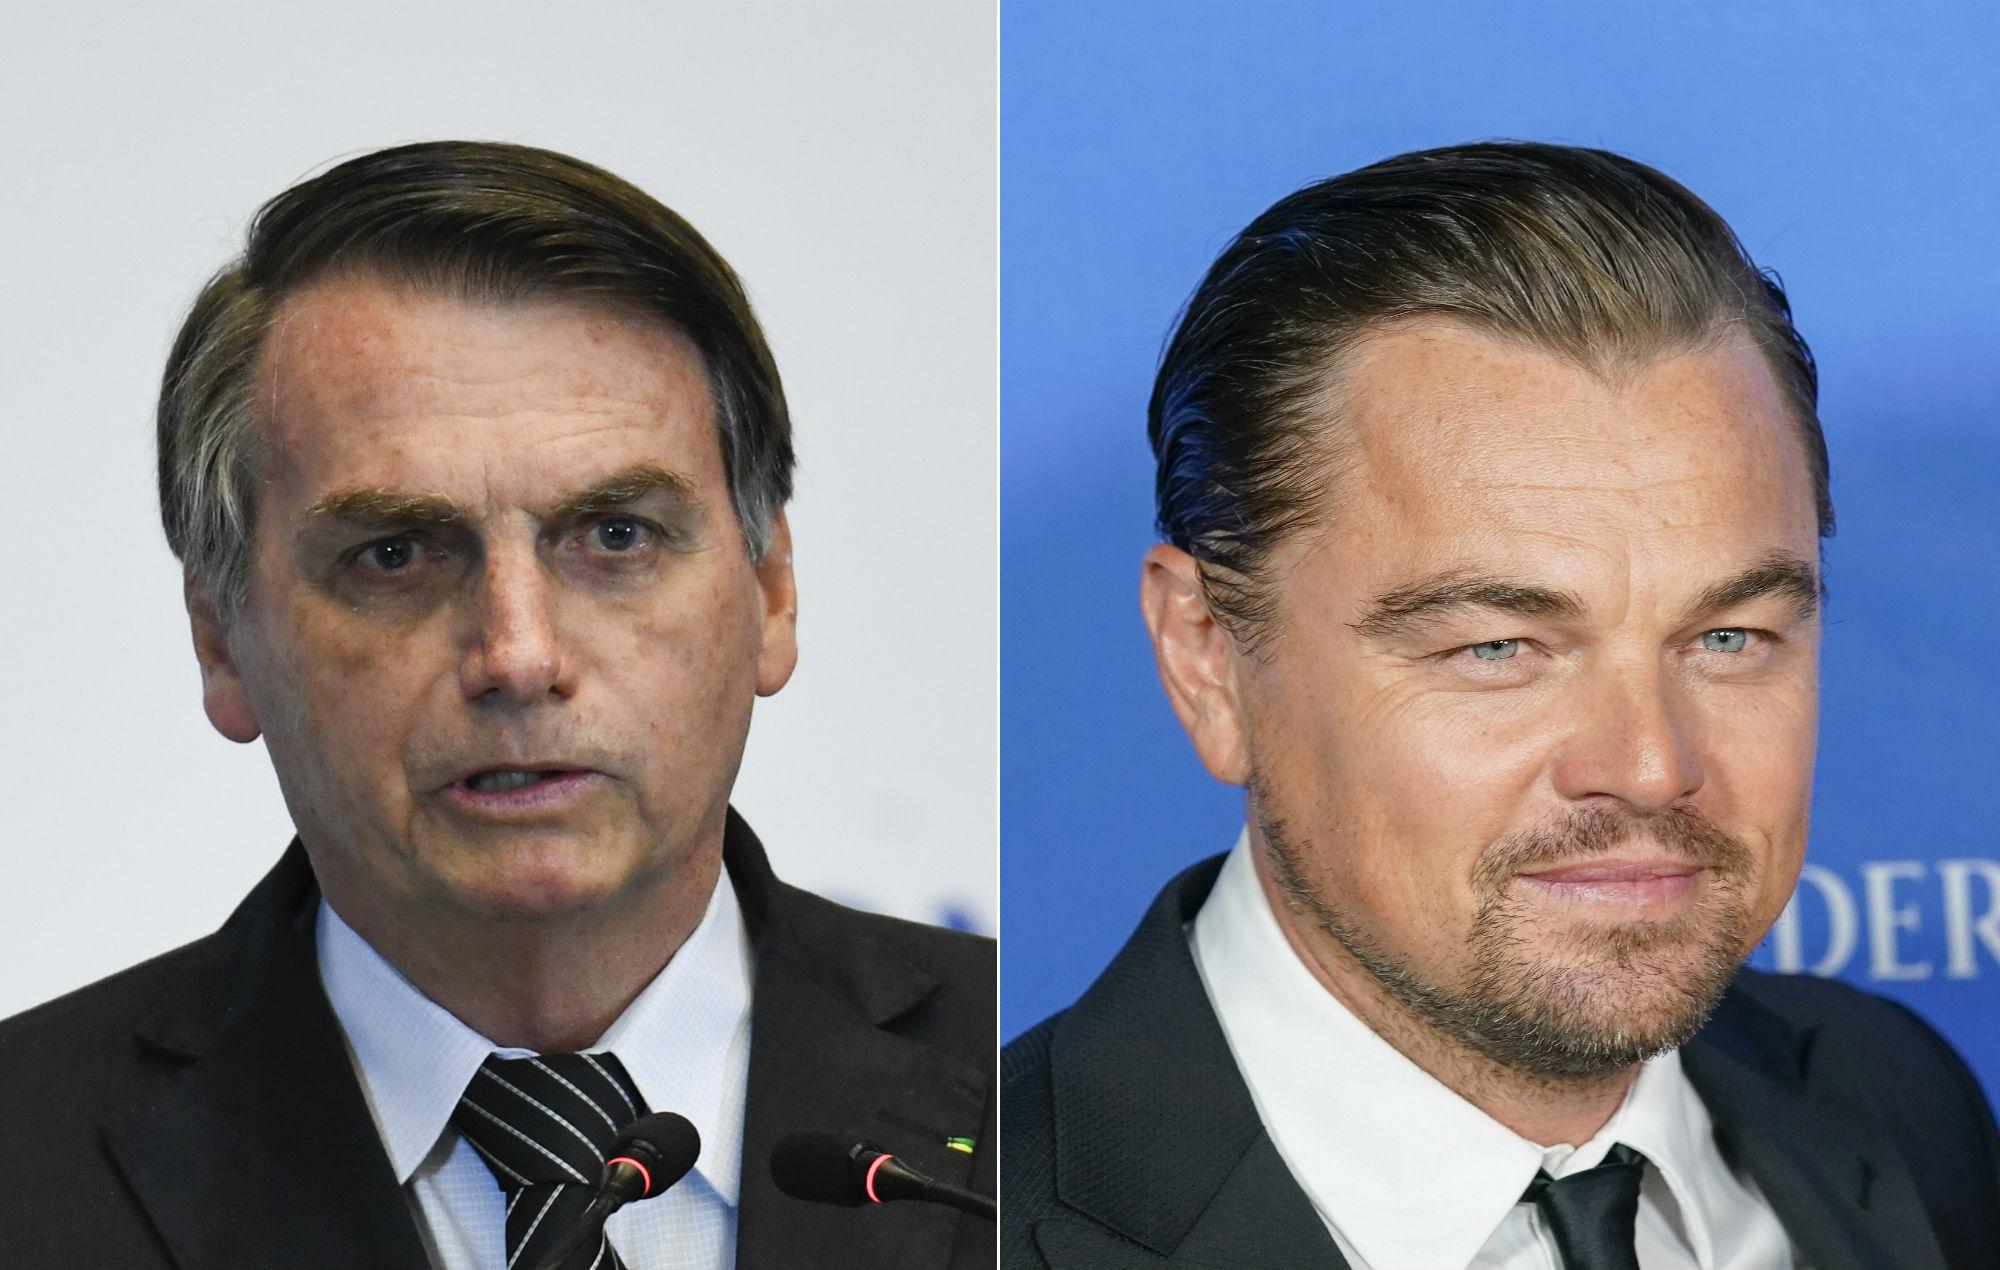 Jair Bolsonaro Leonardo DiCaprio